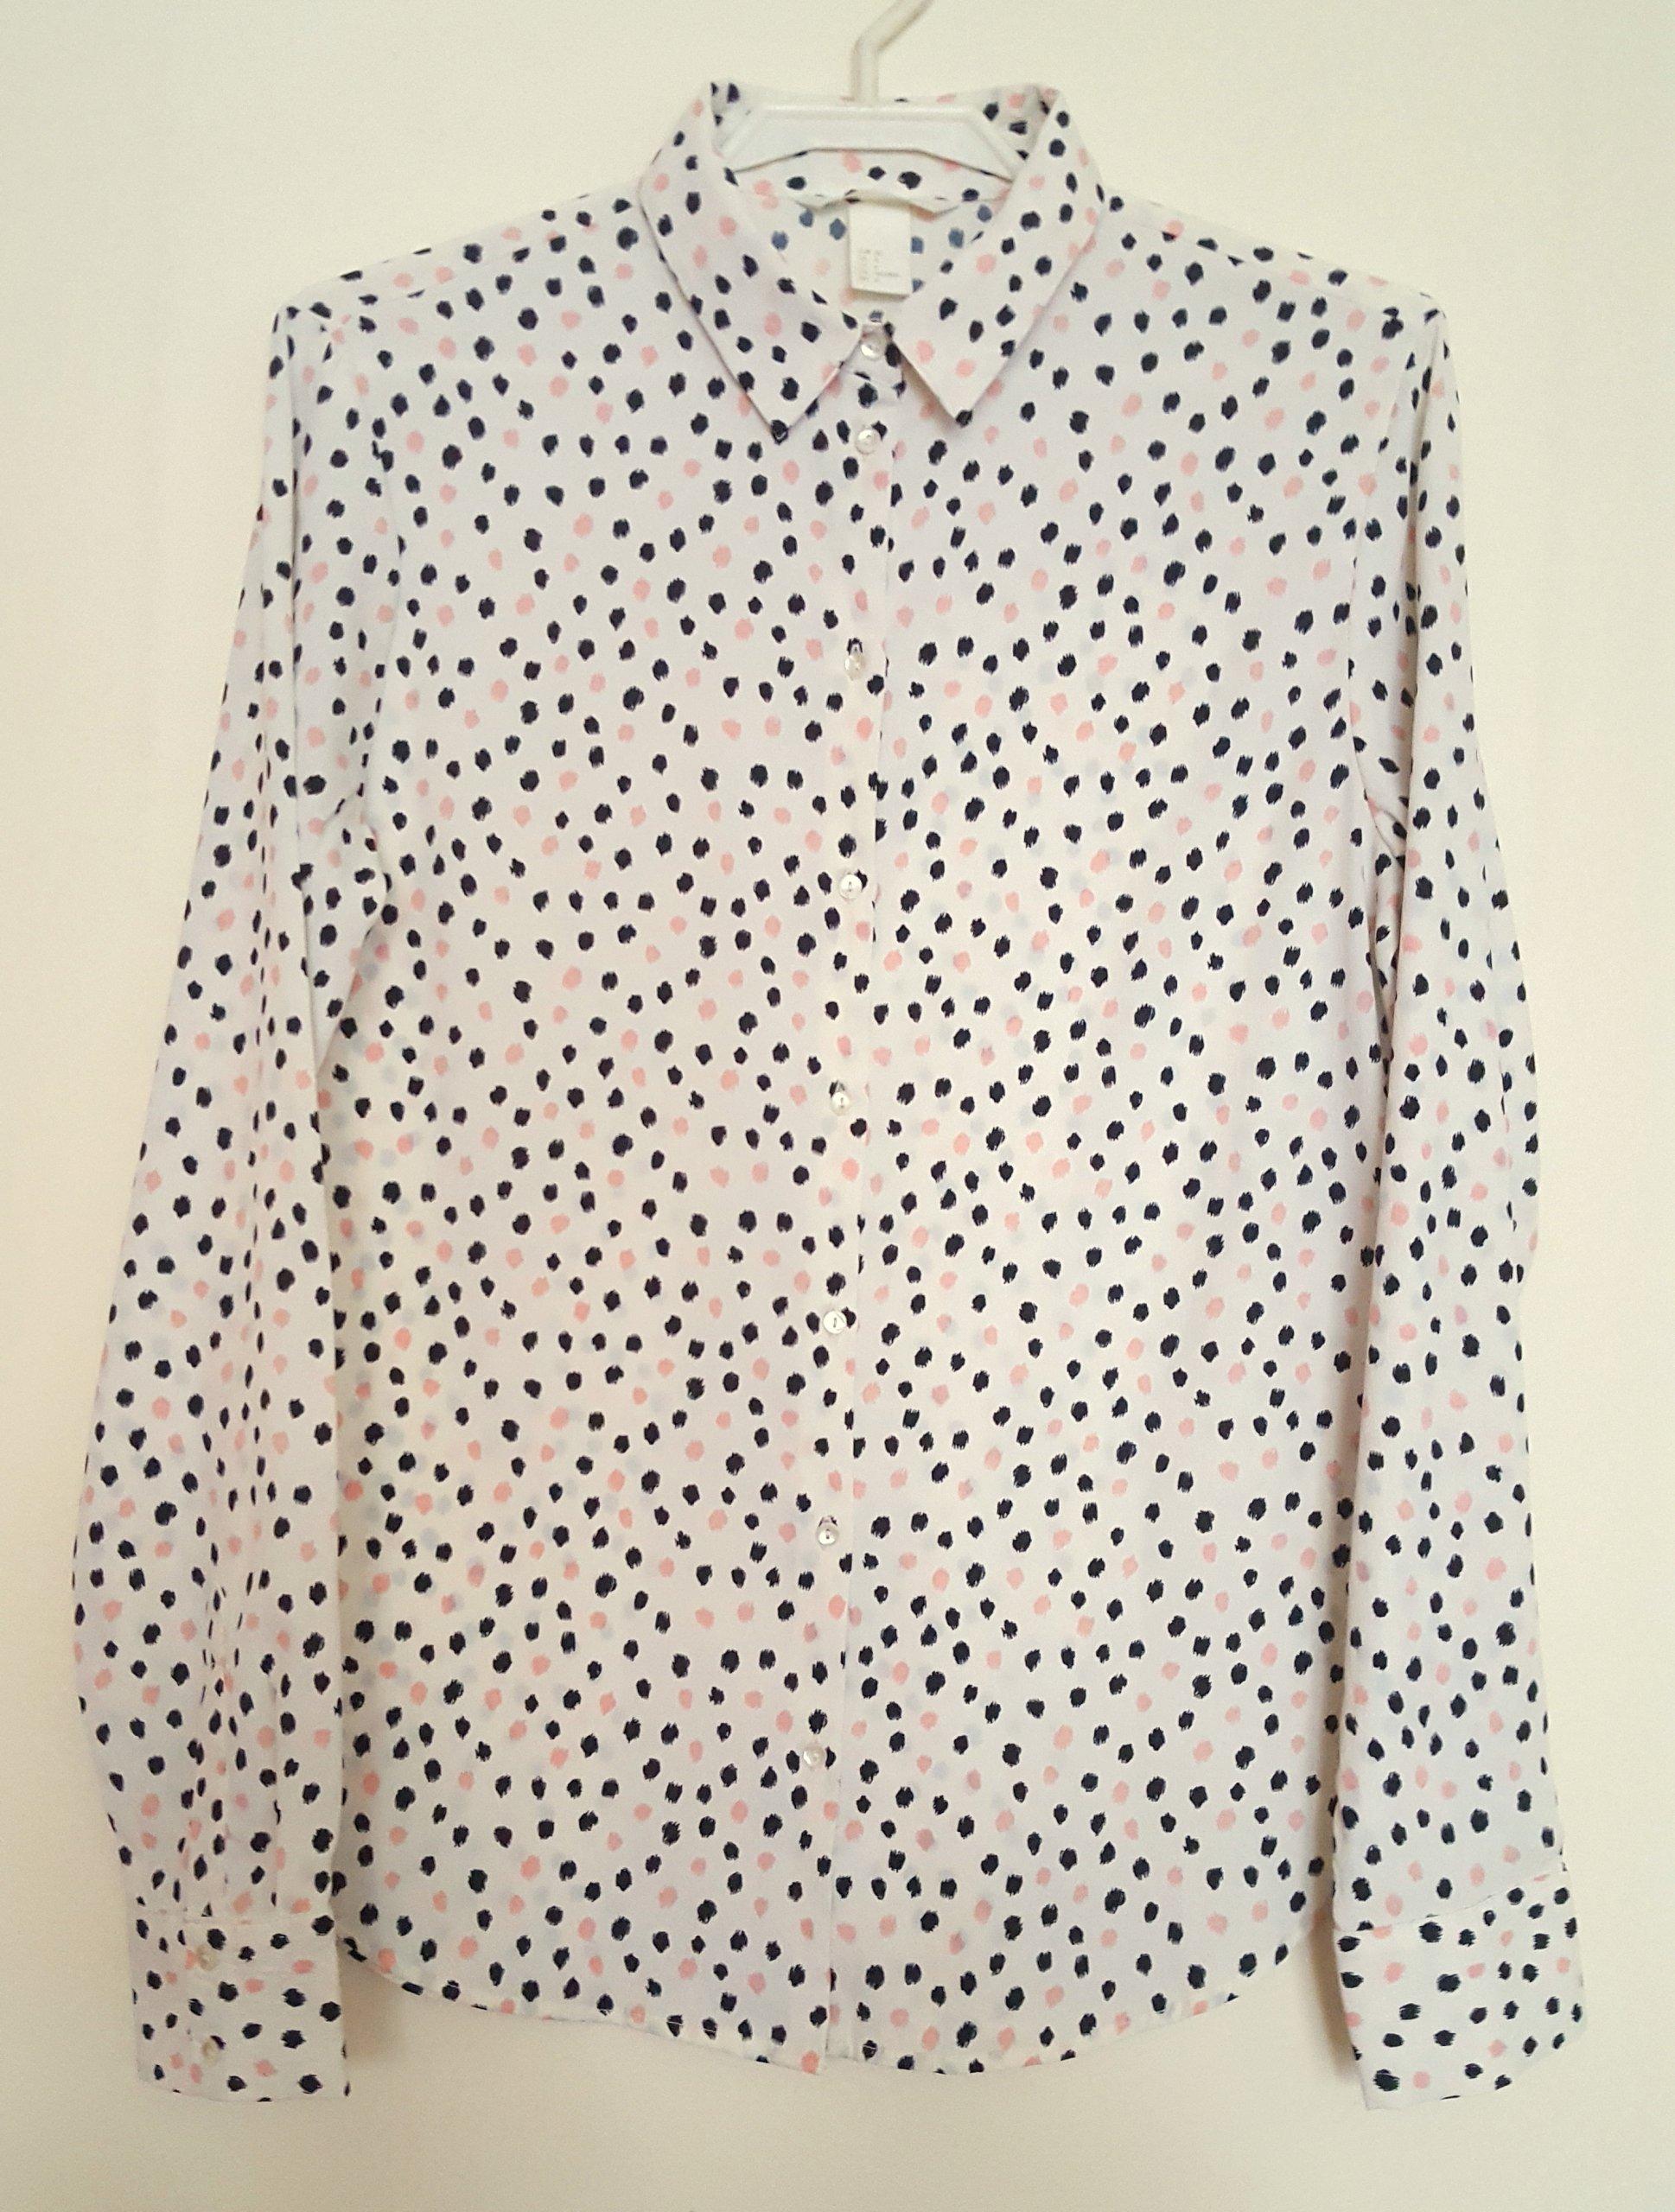 cadb958835d76b Koszula w kropki H&M rozm XS - 7051781380 - oficjalne archiwum allegro